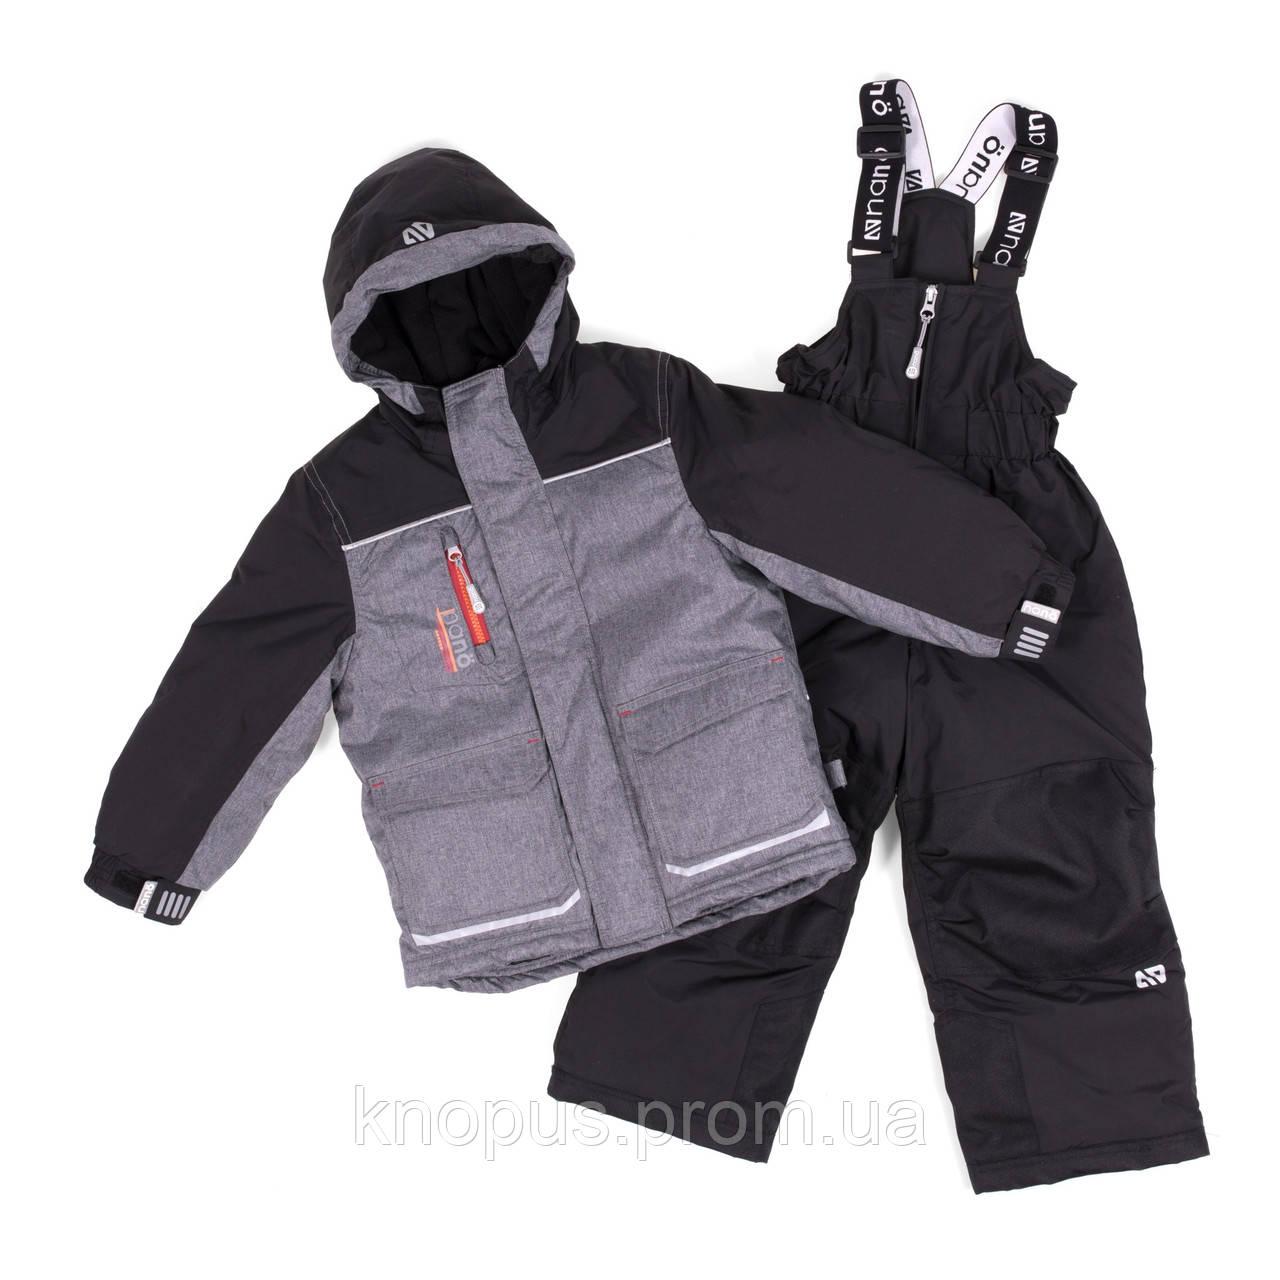 Зимний термокомплект для мальчика  Grey/Black, NANO, размеры 104-146, на рост 102-150 см